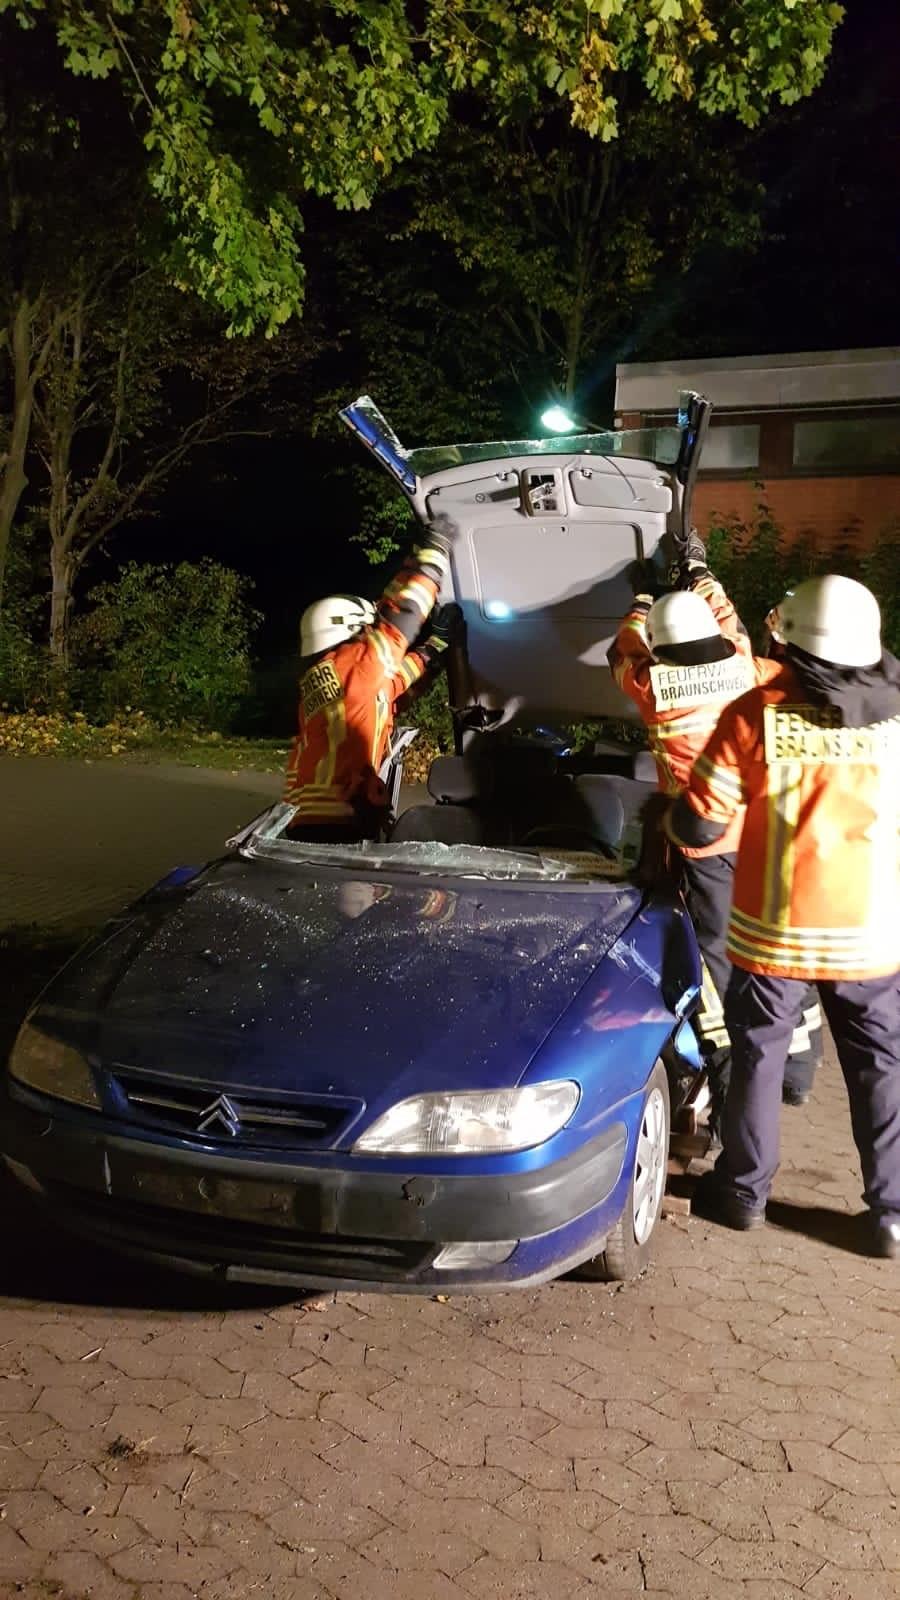 Umklappen des Fahrzeugdaches zur schonenden Patientenrettung